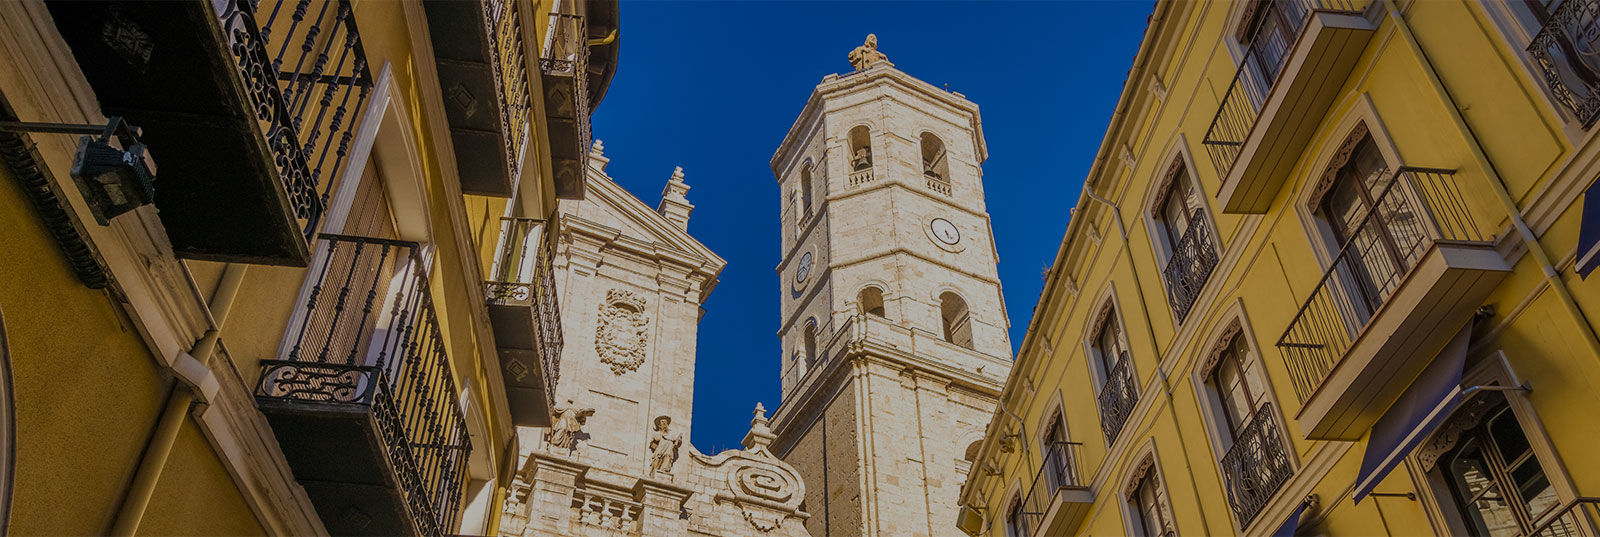 Guía turística de Valladolid